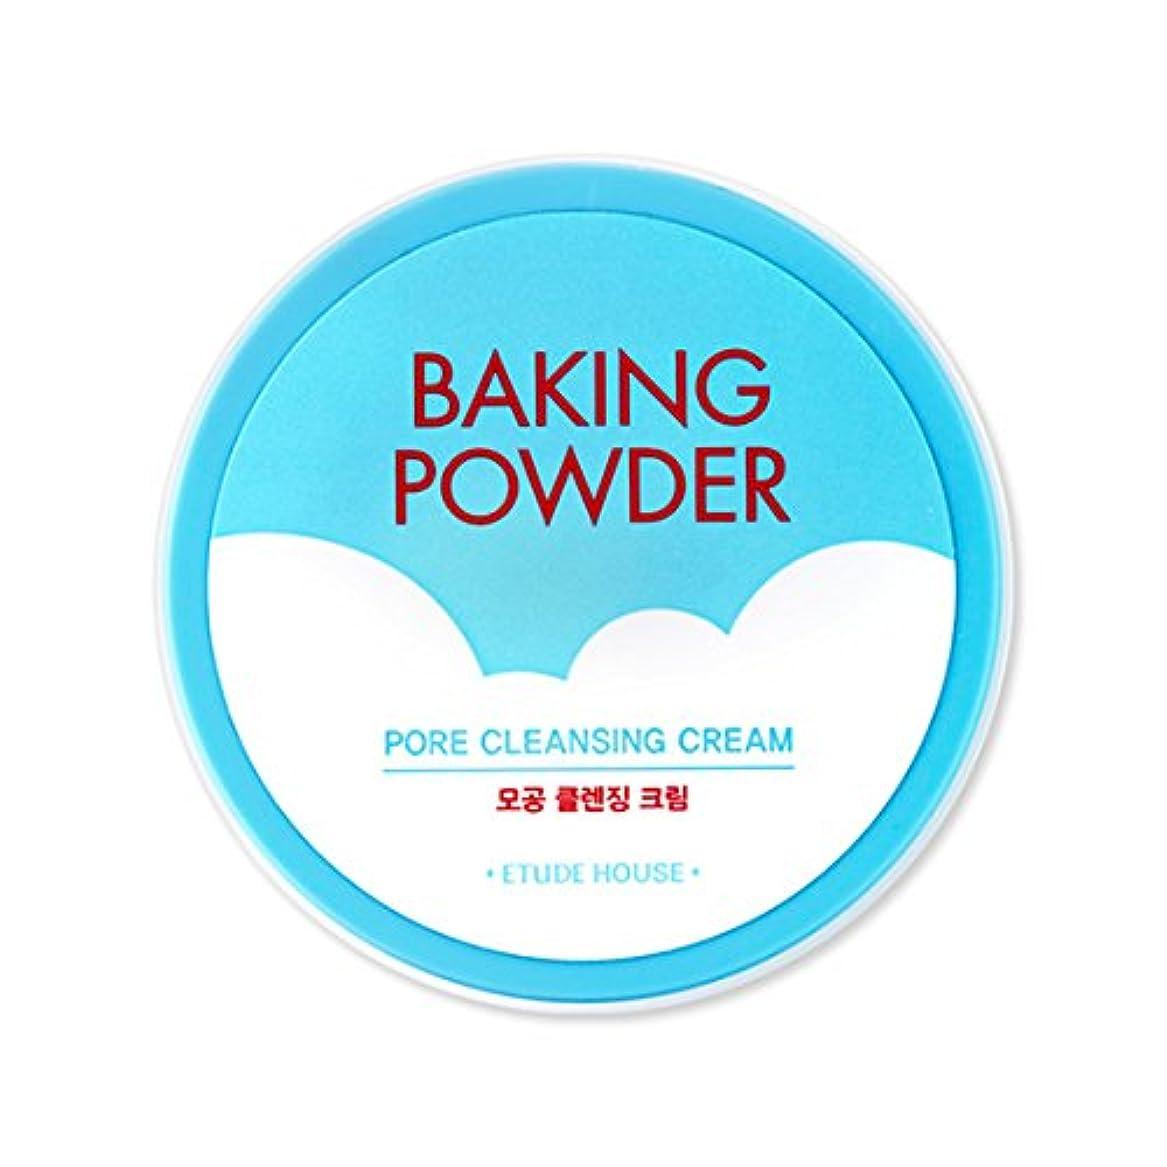 豊かな以上モスク[2016 Upgrade!] ETUDE HOUSE Baking Powder Pore Cleansing Cream 180ml/エチュードハウス ベーキング パウダー ポア クレンジング クリーム 180ml...